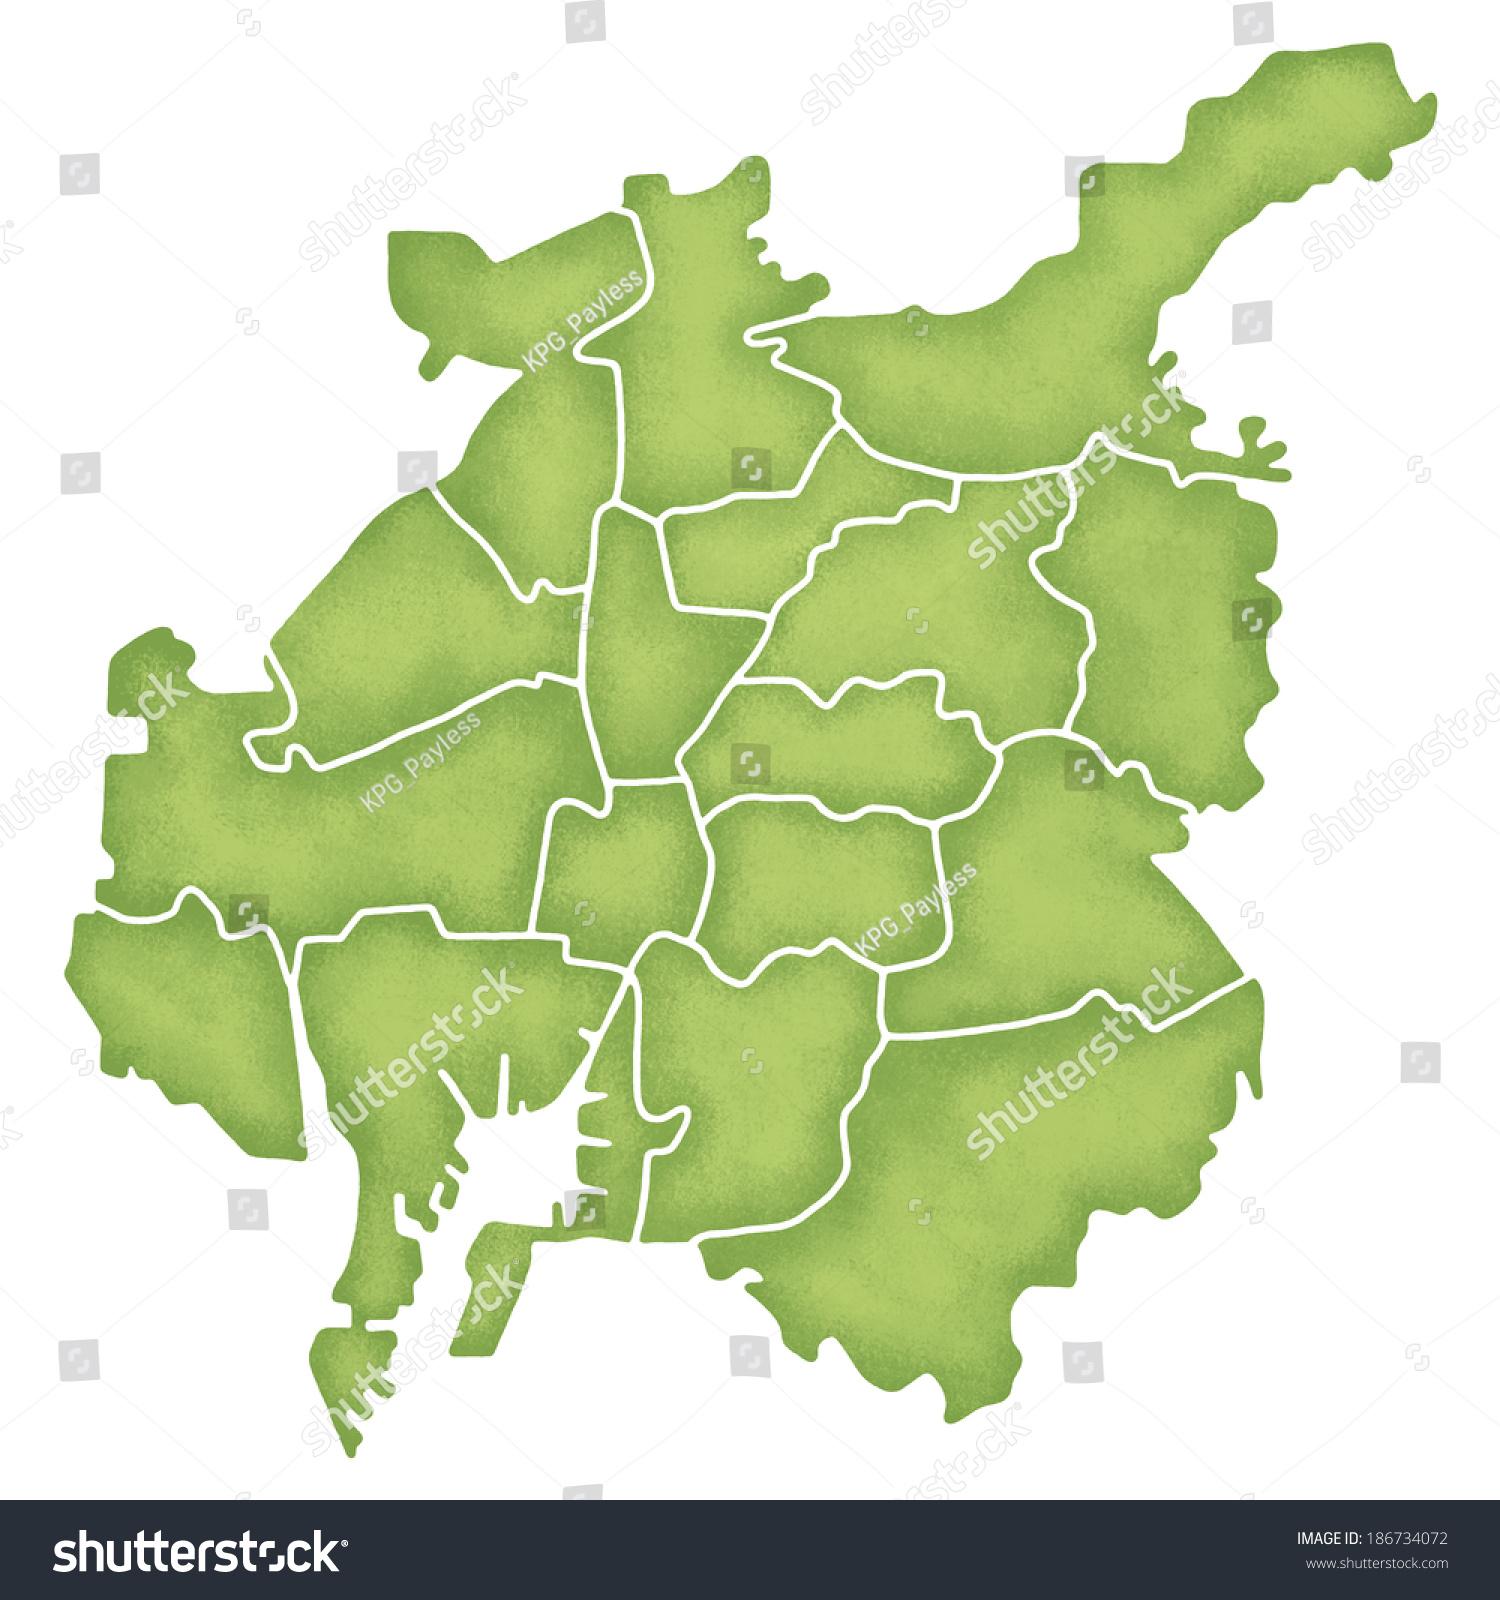 Map nagoya japan stock illustration 186734072 shutterstock map of nagoya japan gumiabroncs Images